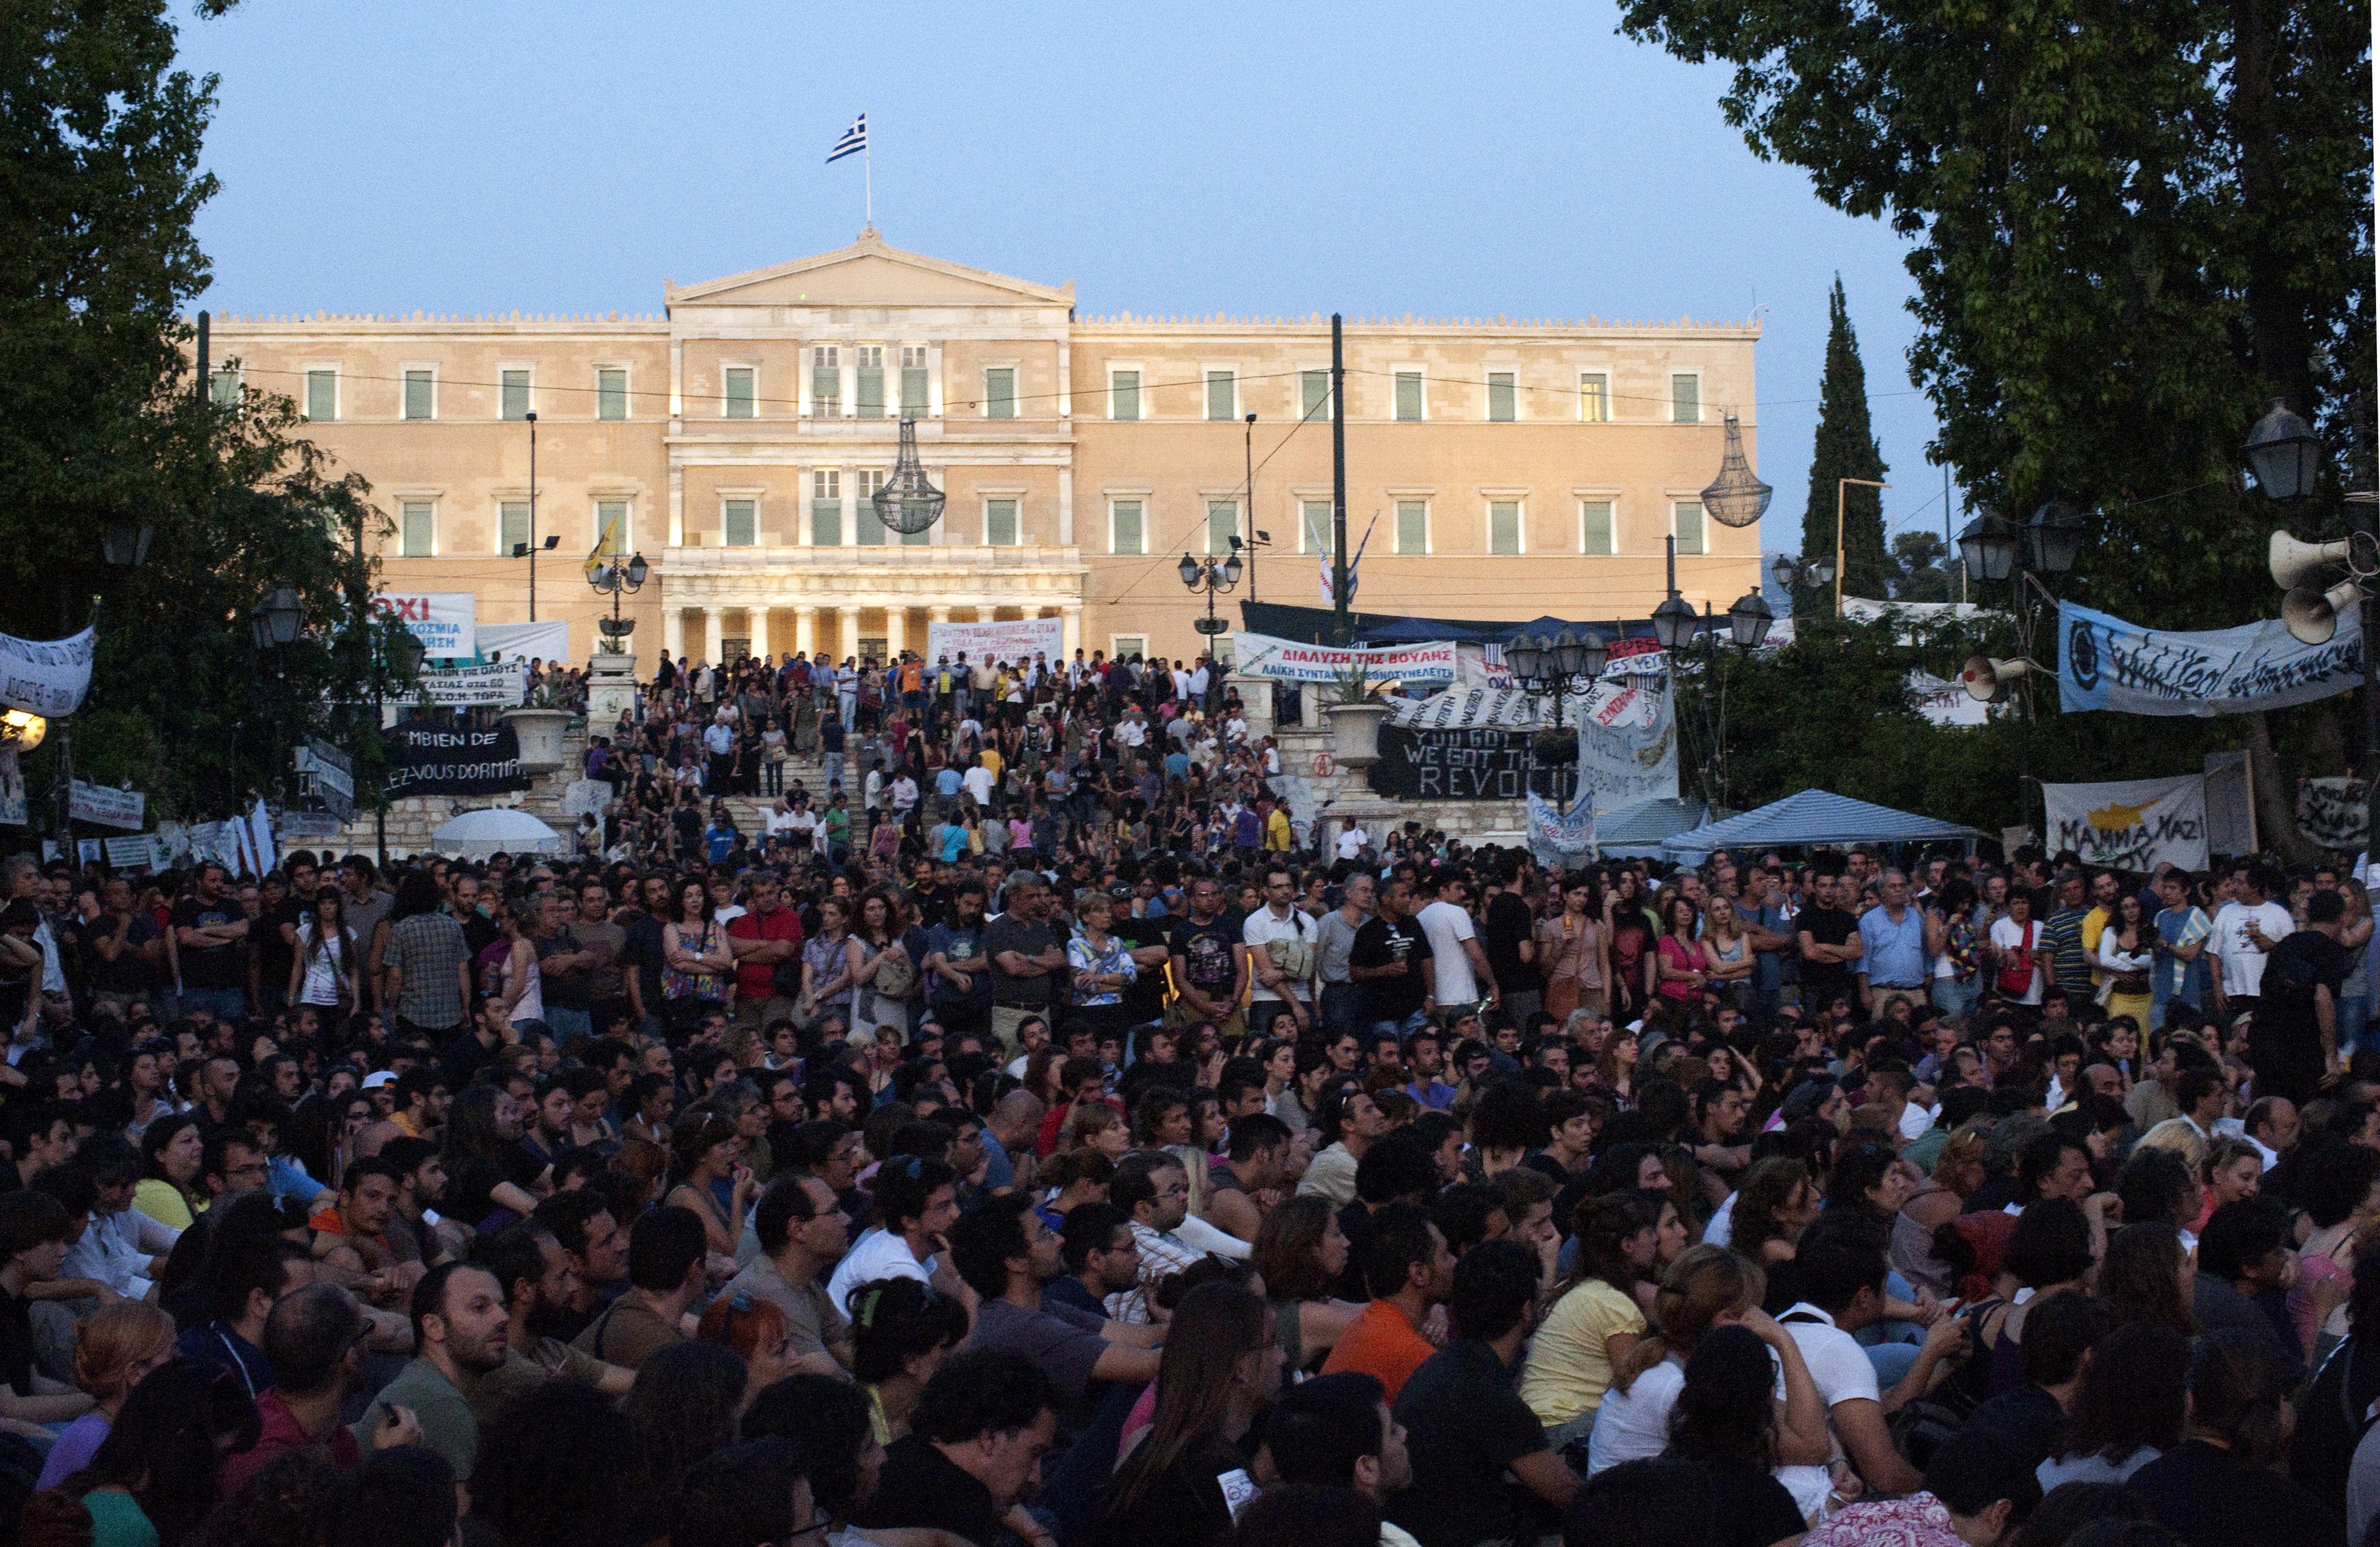 Mouvement anti-austérité à Athènes - crédit :en.wikipédia.org